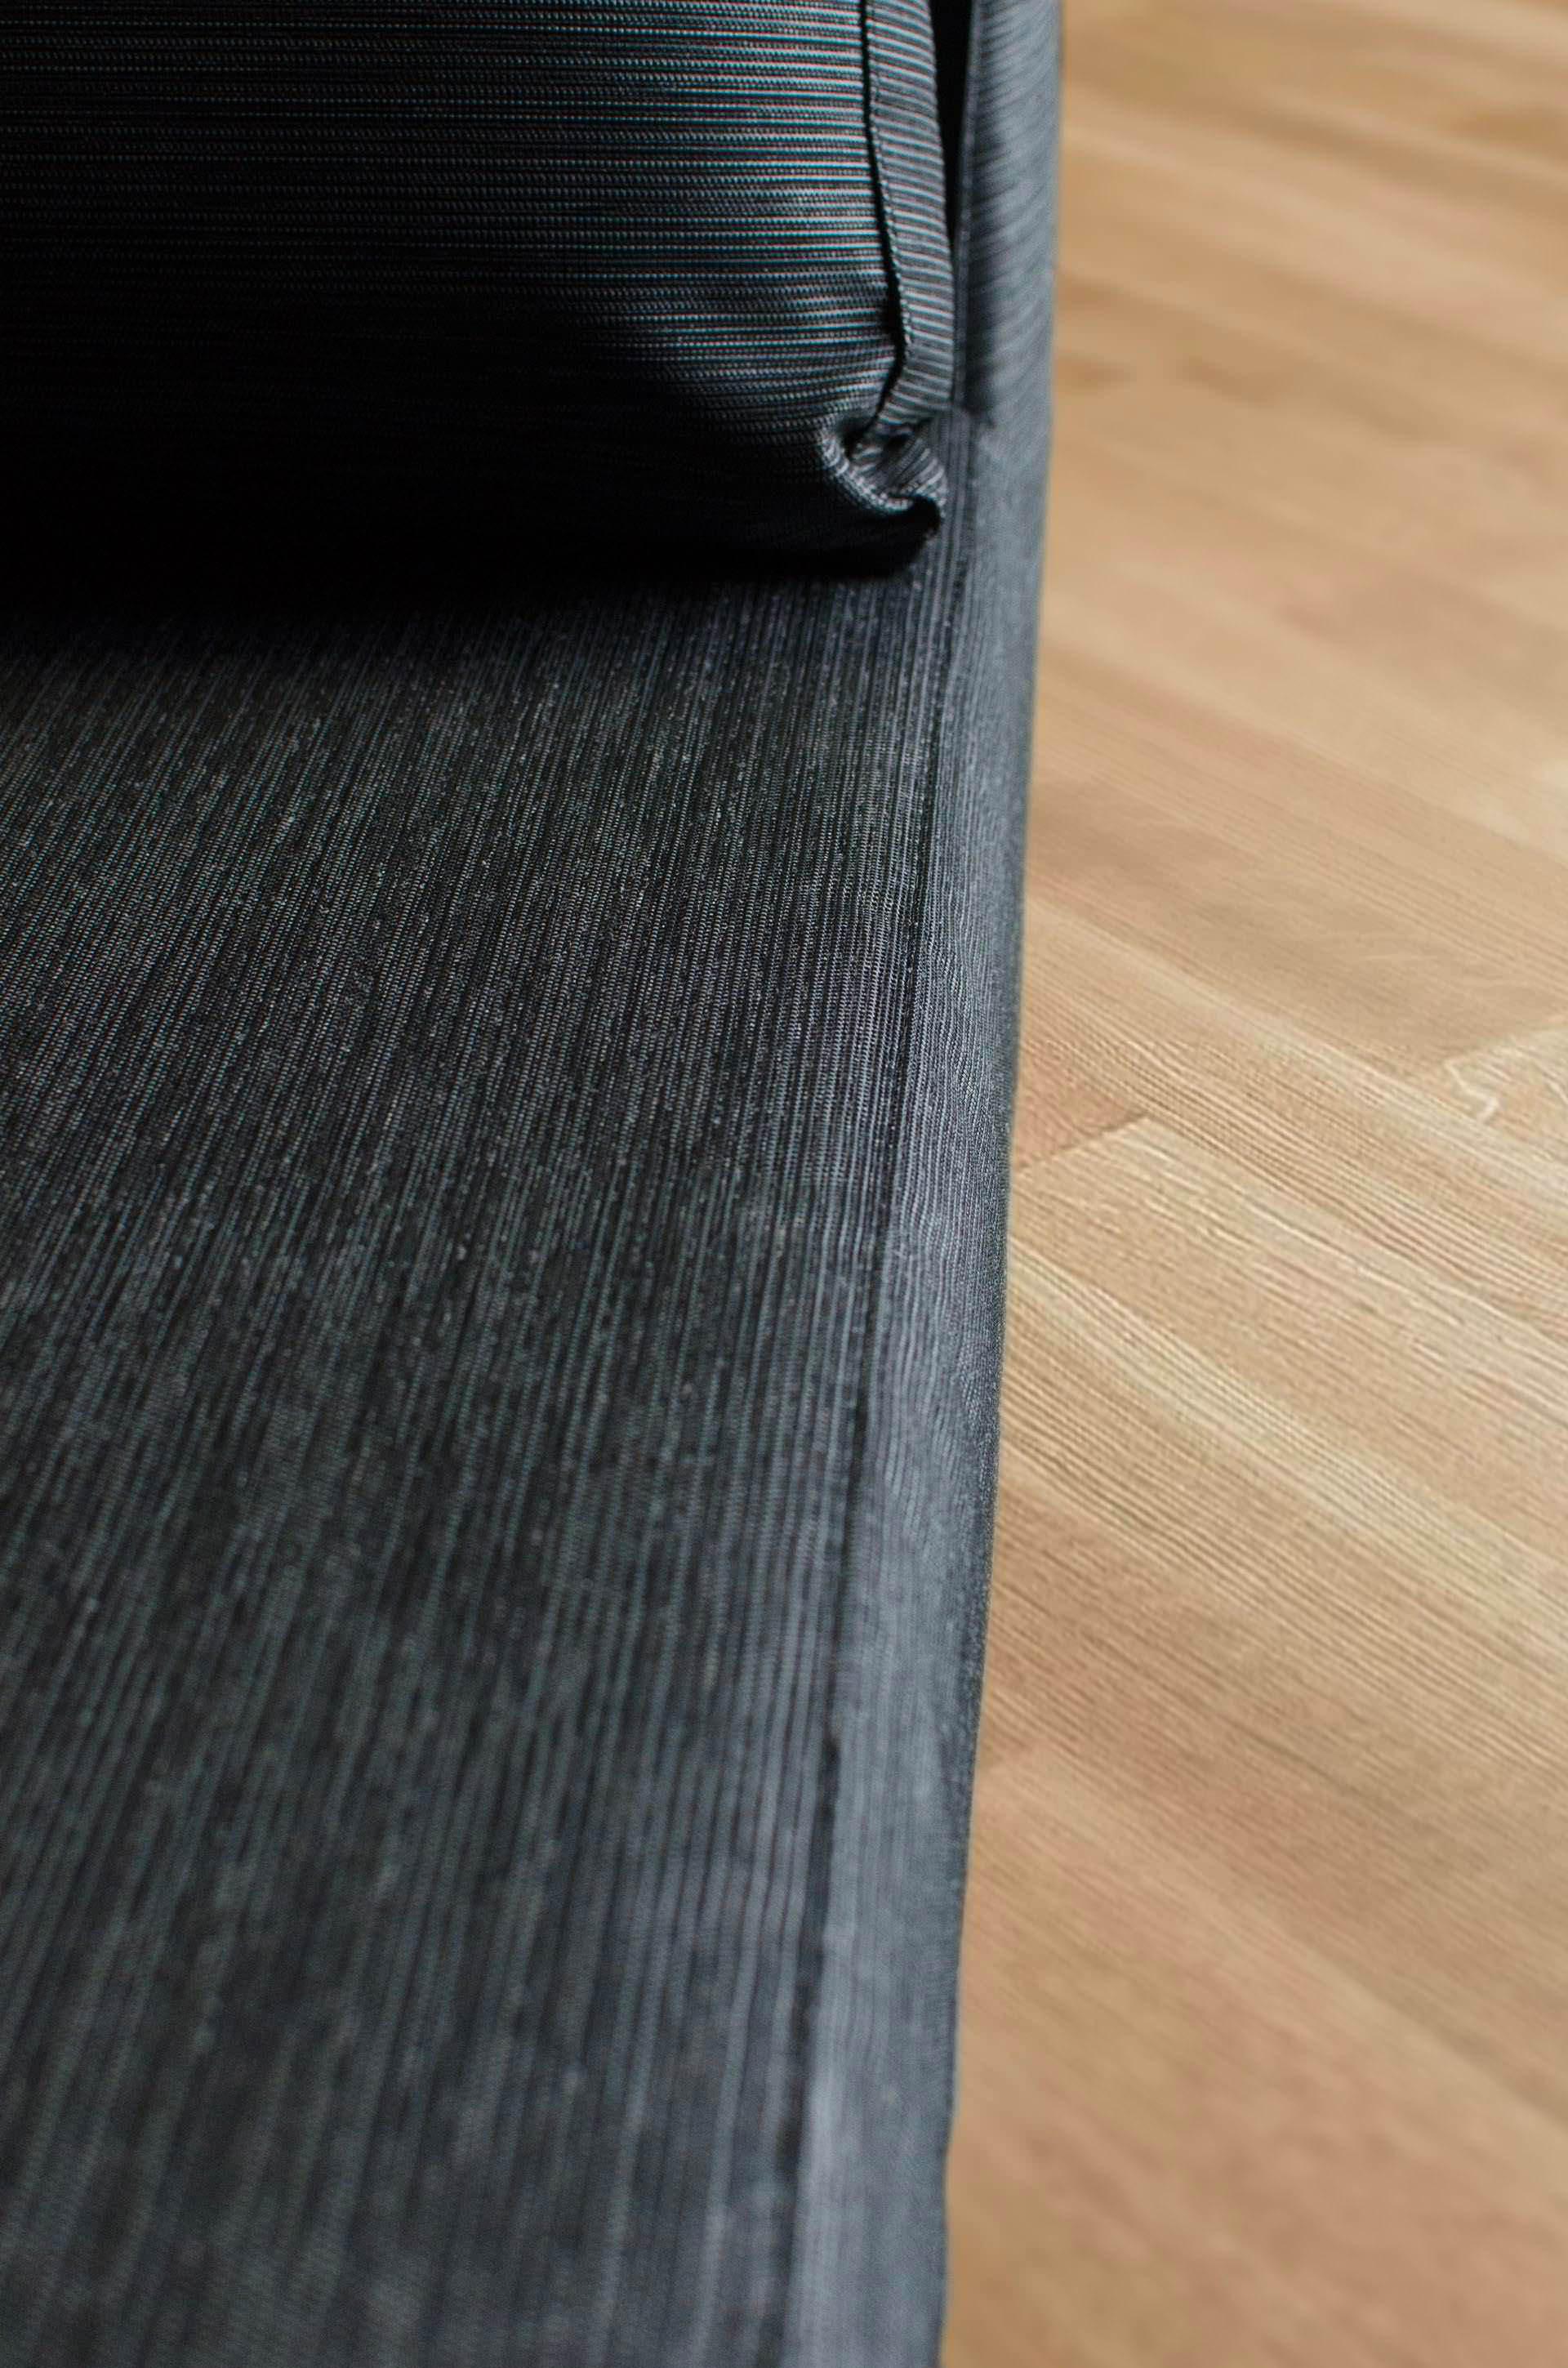 Tissus Imperméable Pour Salon De Jardin | Toile Transat Outdoor Uni ...